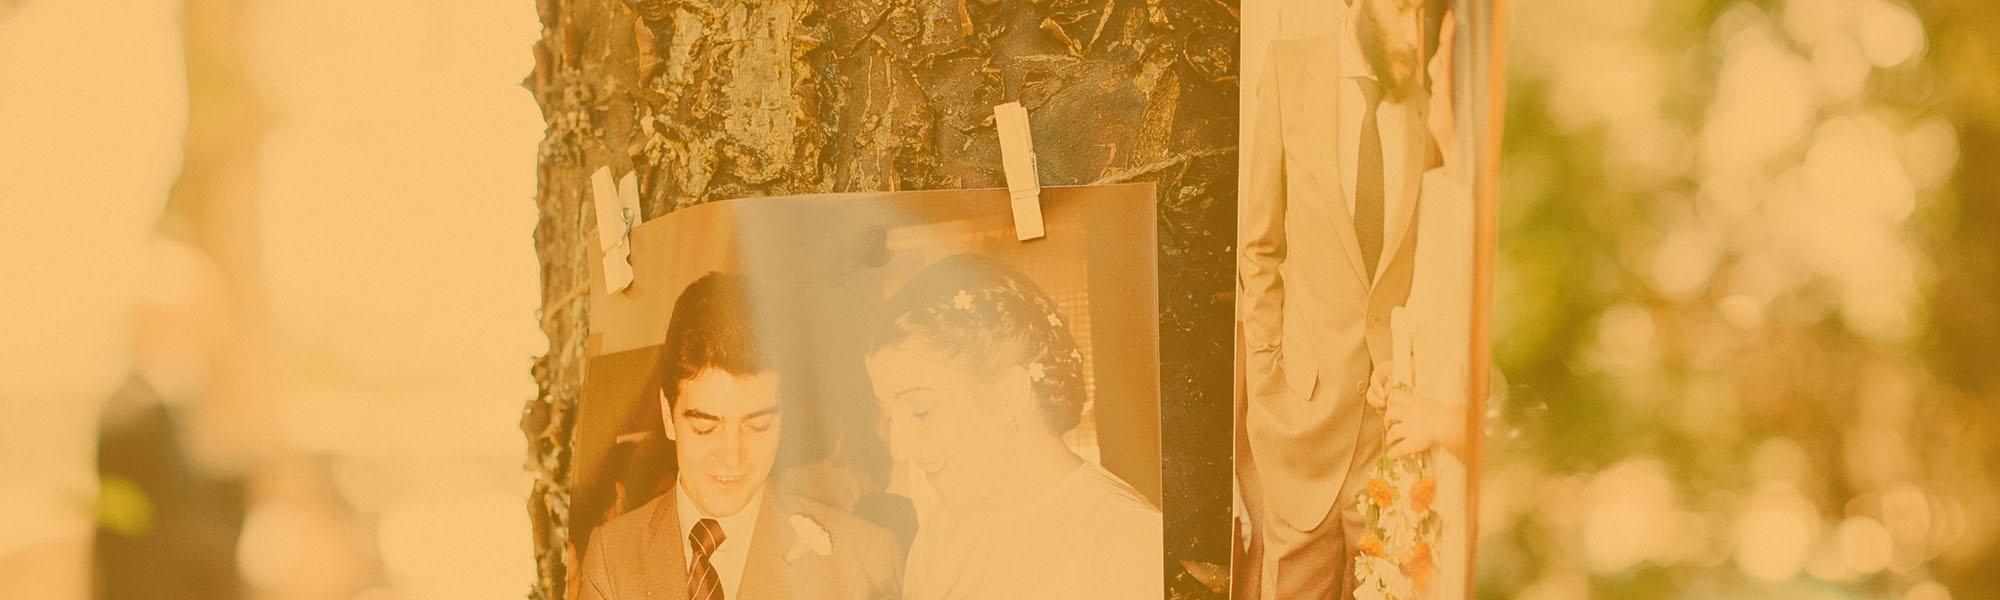 Detalles de Boda: Arbol de Recuerdos